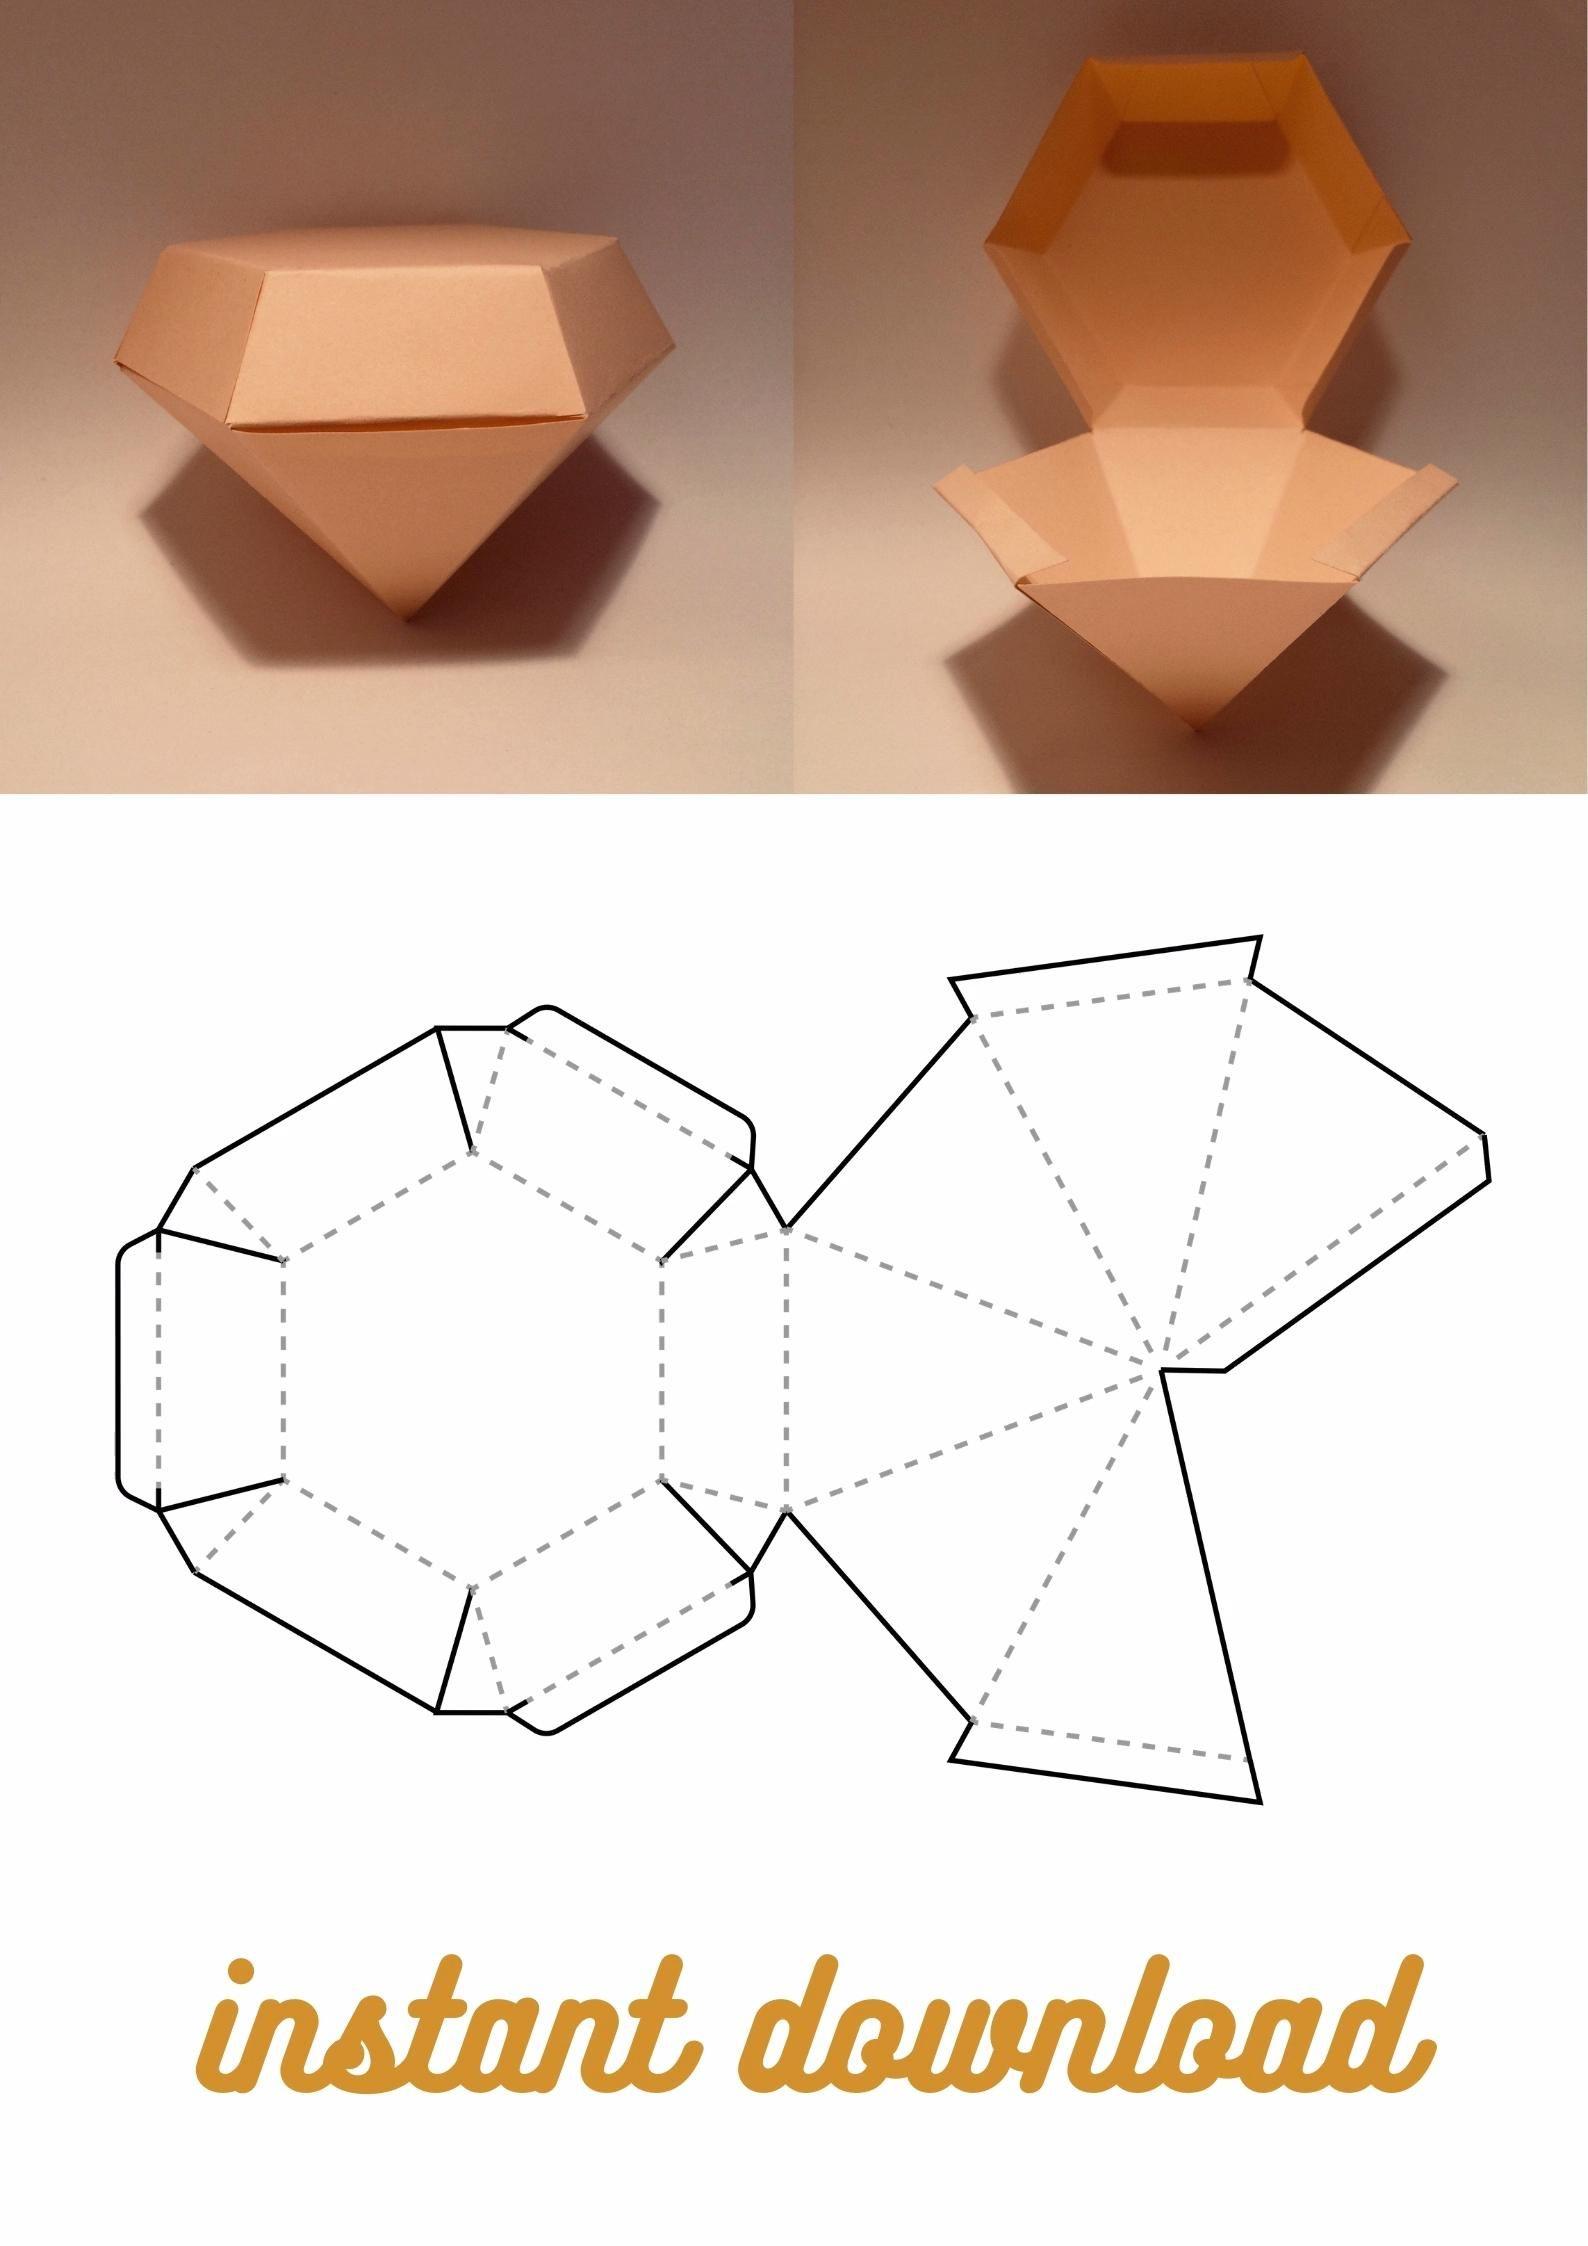 jewelry box crystal box 8.5x11 gem box A4 PDF SVG digital files A3 jewel box diamond shape box Diamond box template jewellery box